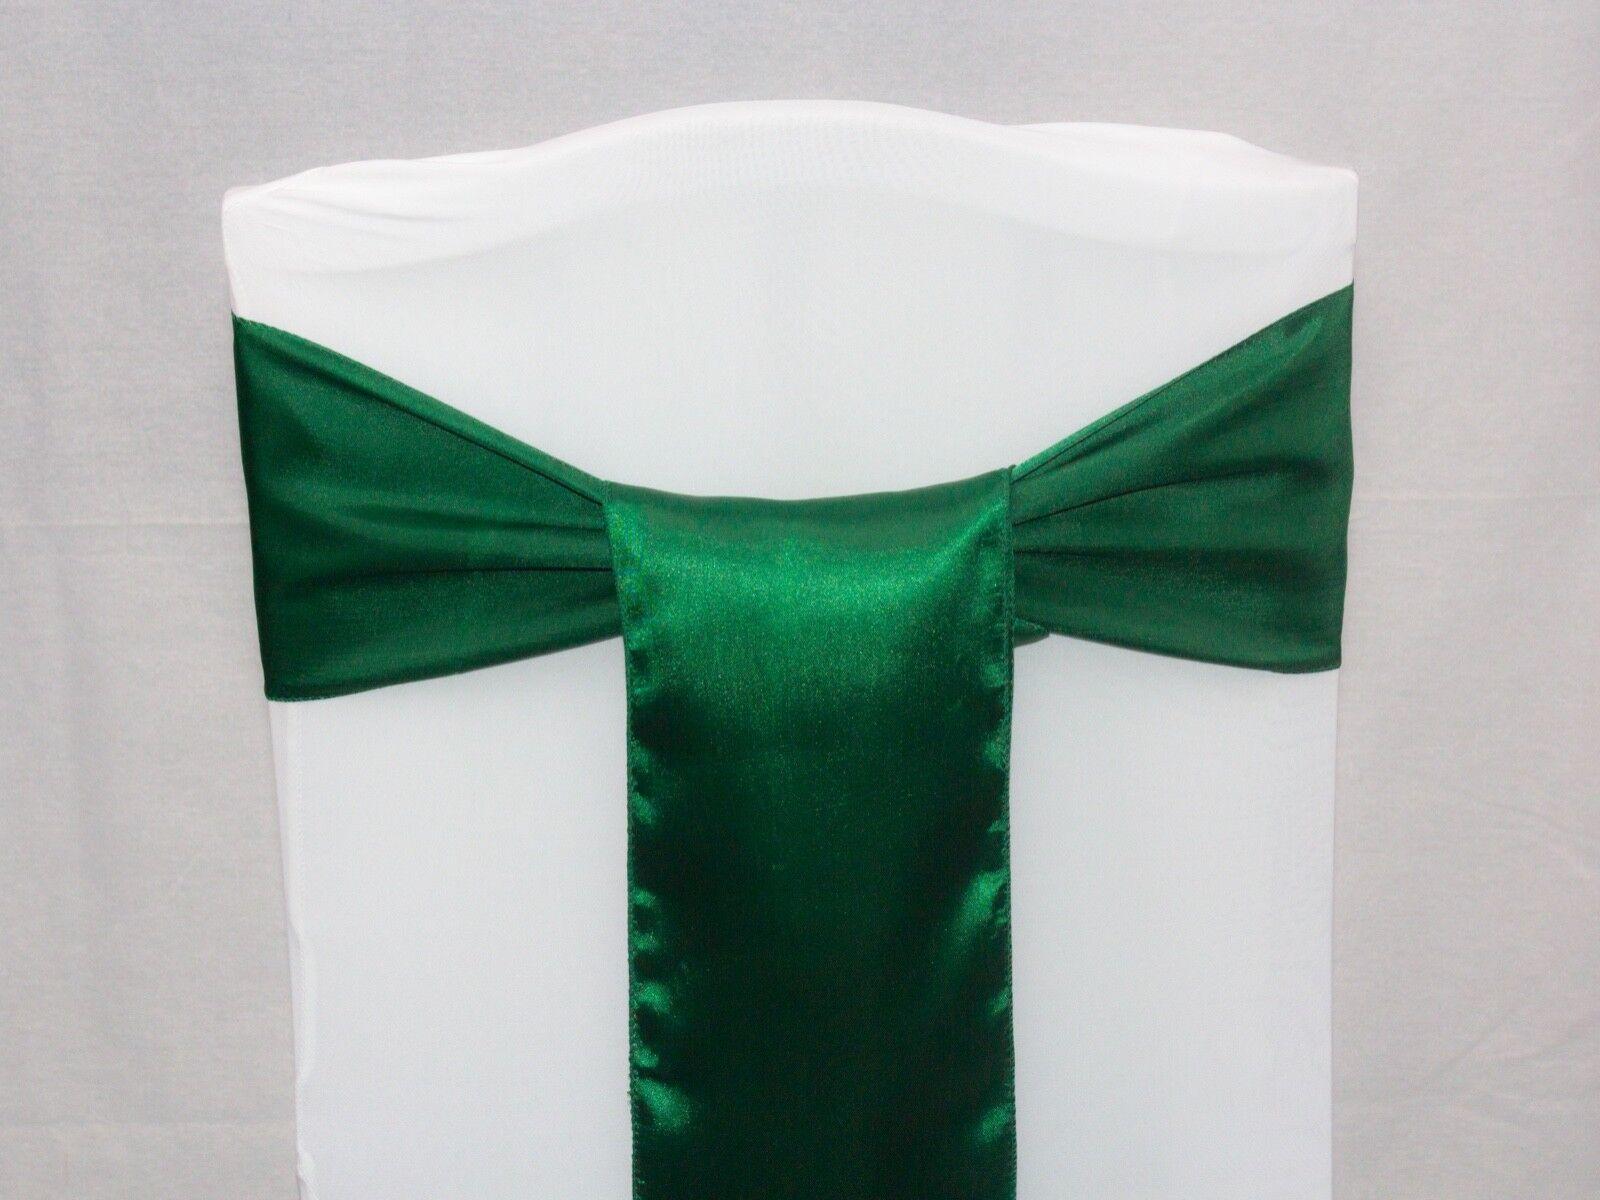 FEN confezione di di di Fiocco in Raso Sedia matrimonio festa evento decorazione 40 Coloreei UK Venditore 6c33b9